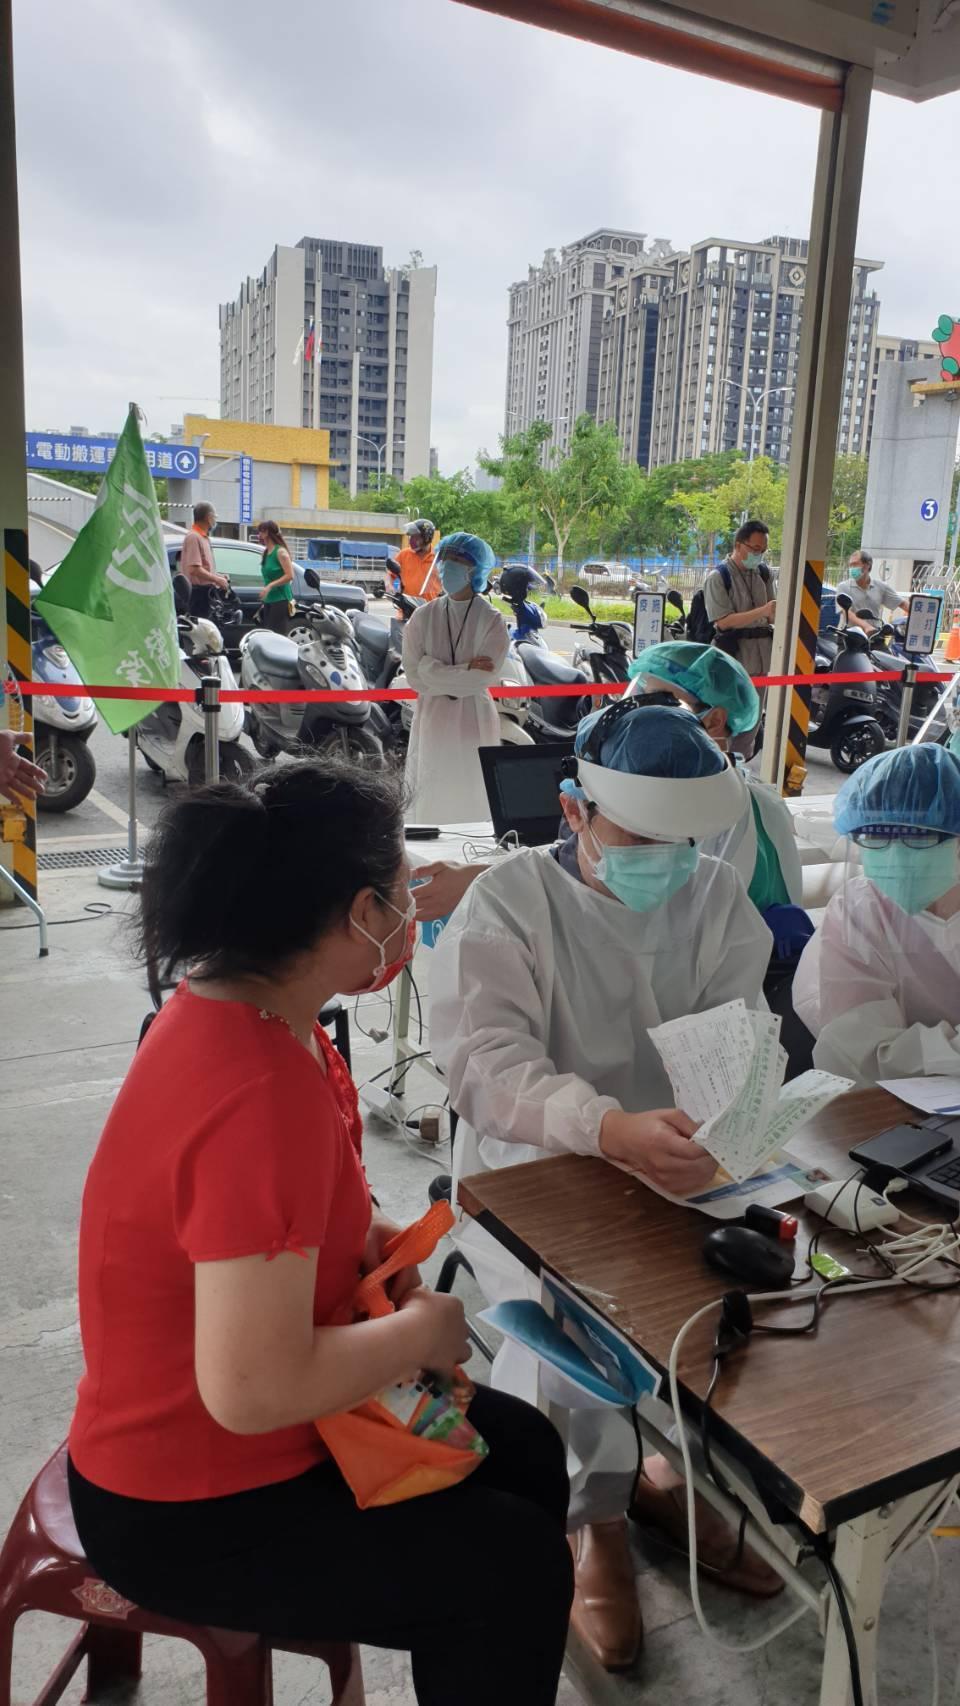 板橋果菜市場現場接種疫苗前問診情況。圖/亞東醫院提供